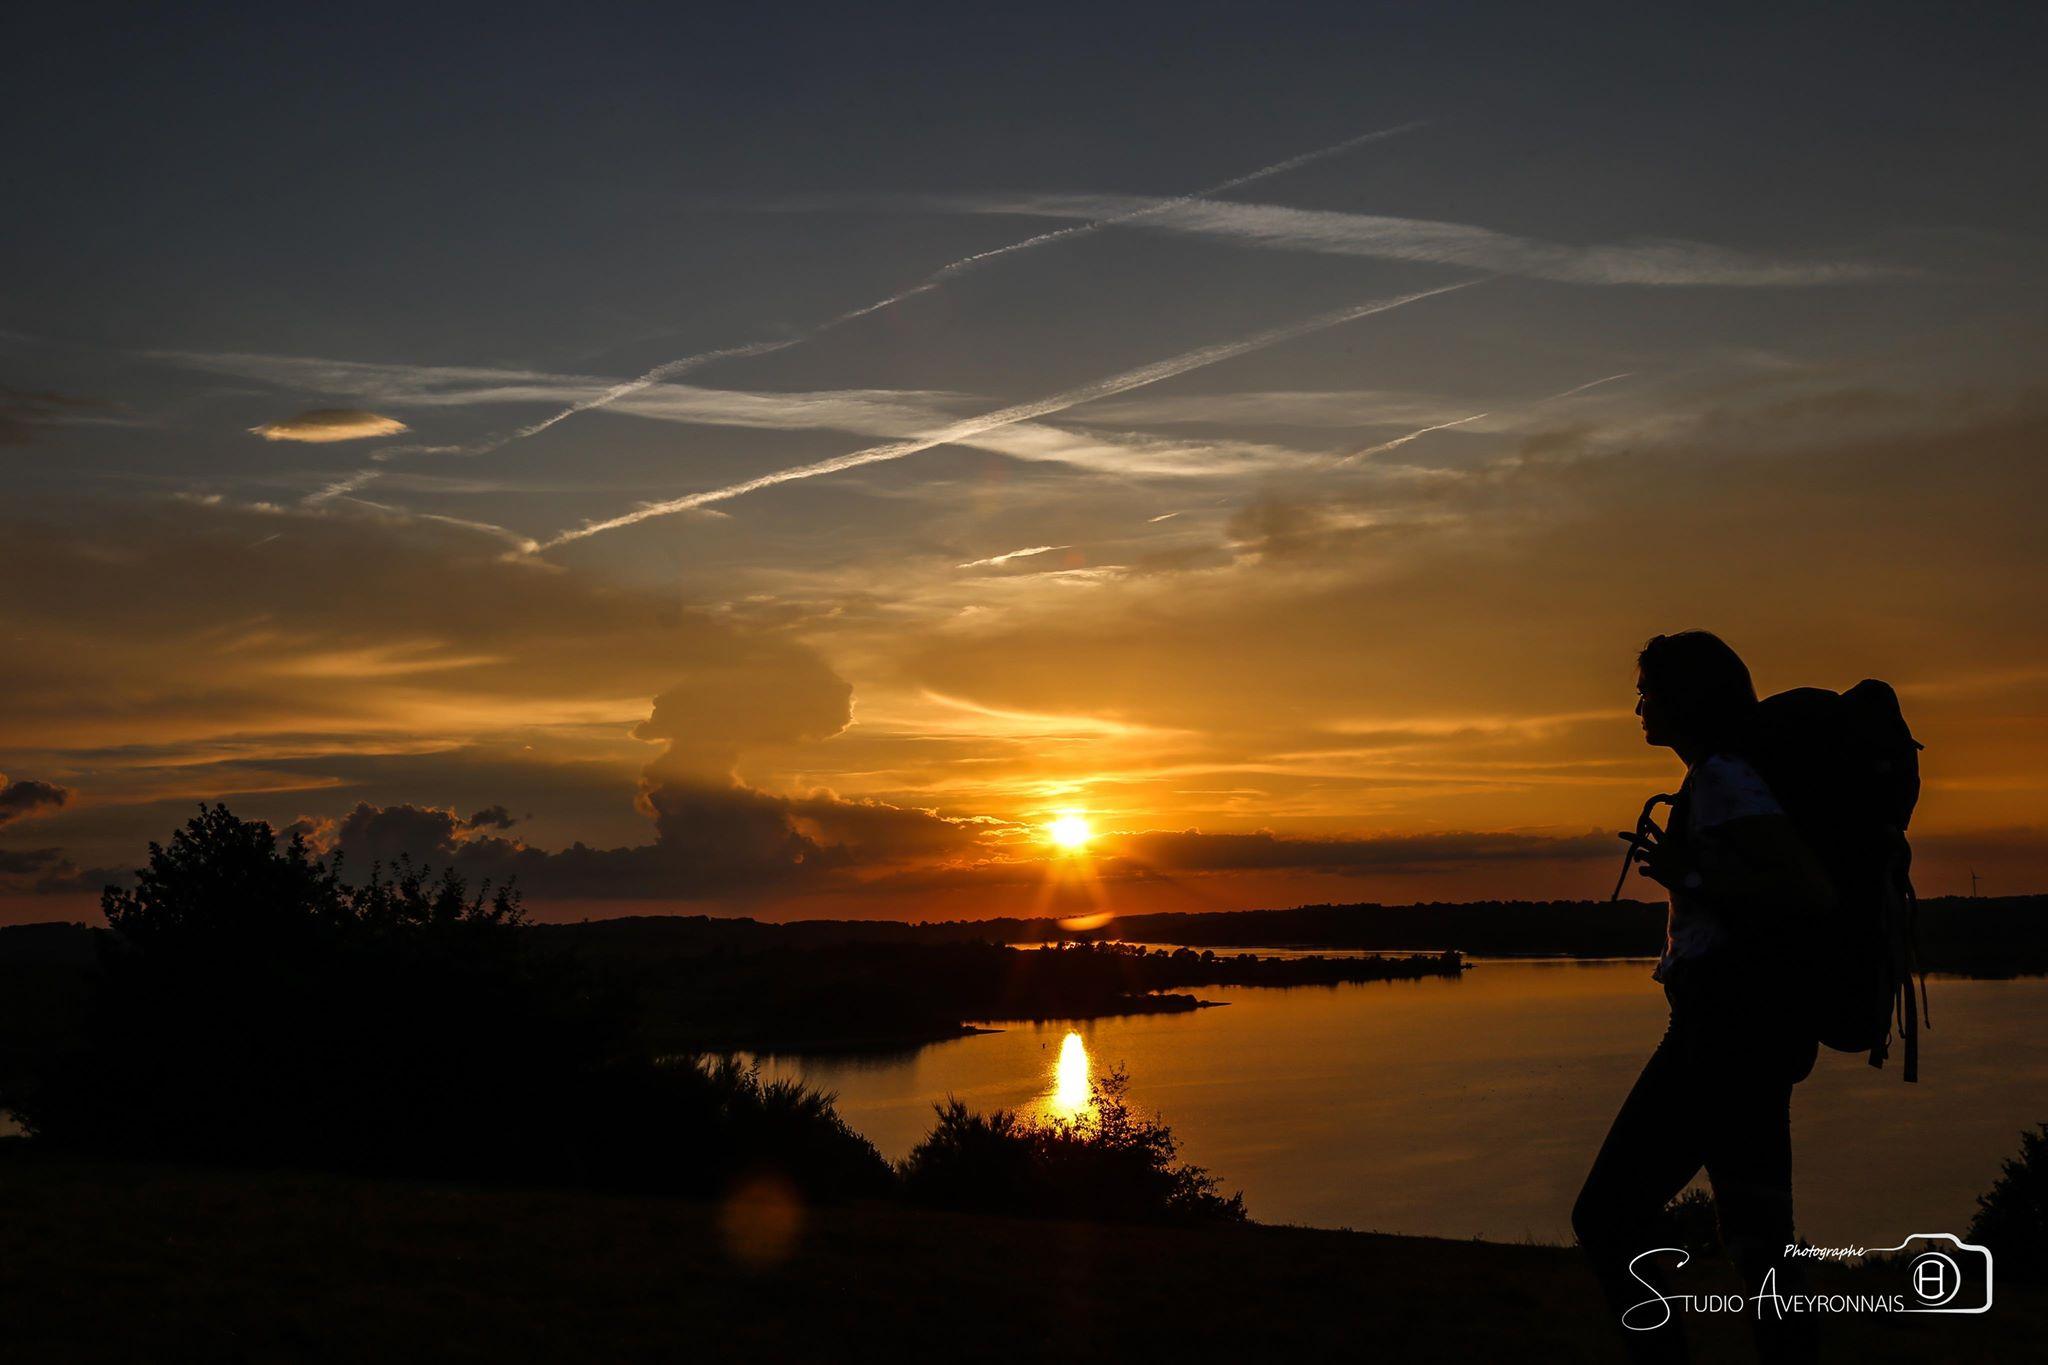 Randonneuse et coucher de soleil sur le lac de pareloup, point de vue de la Vierge du Lac